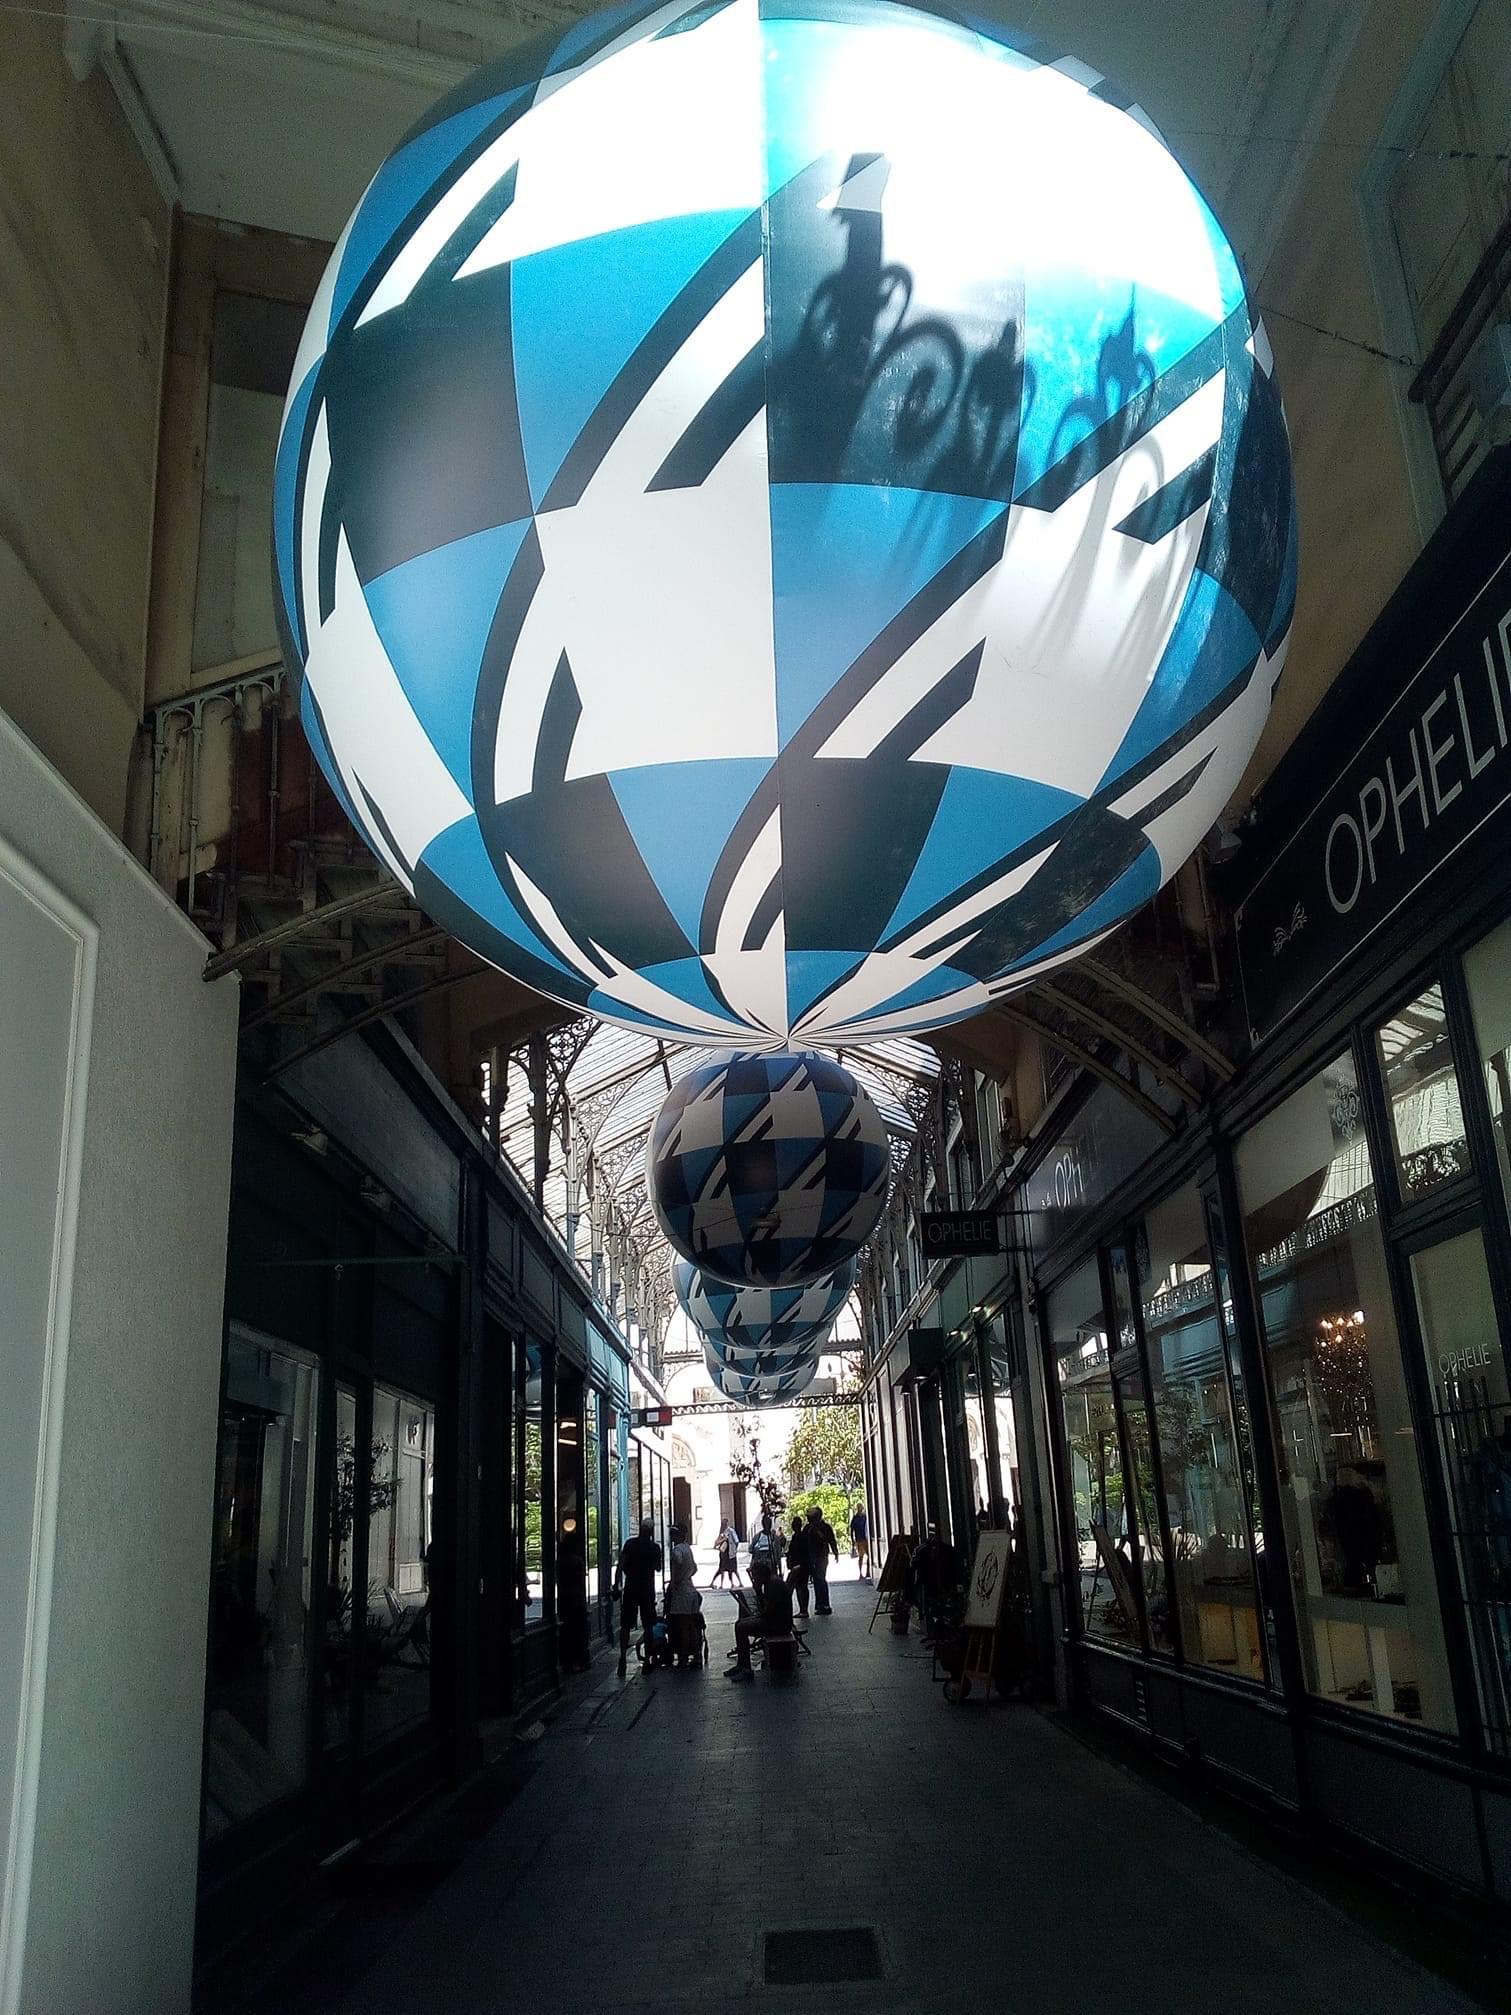 Parapluies_Vesoul_Lydie DESSERT